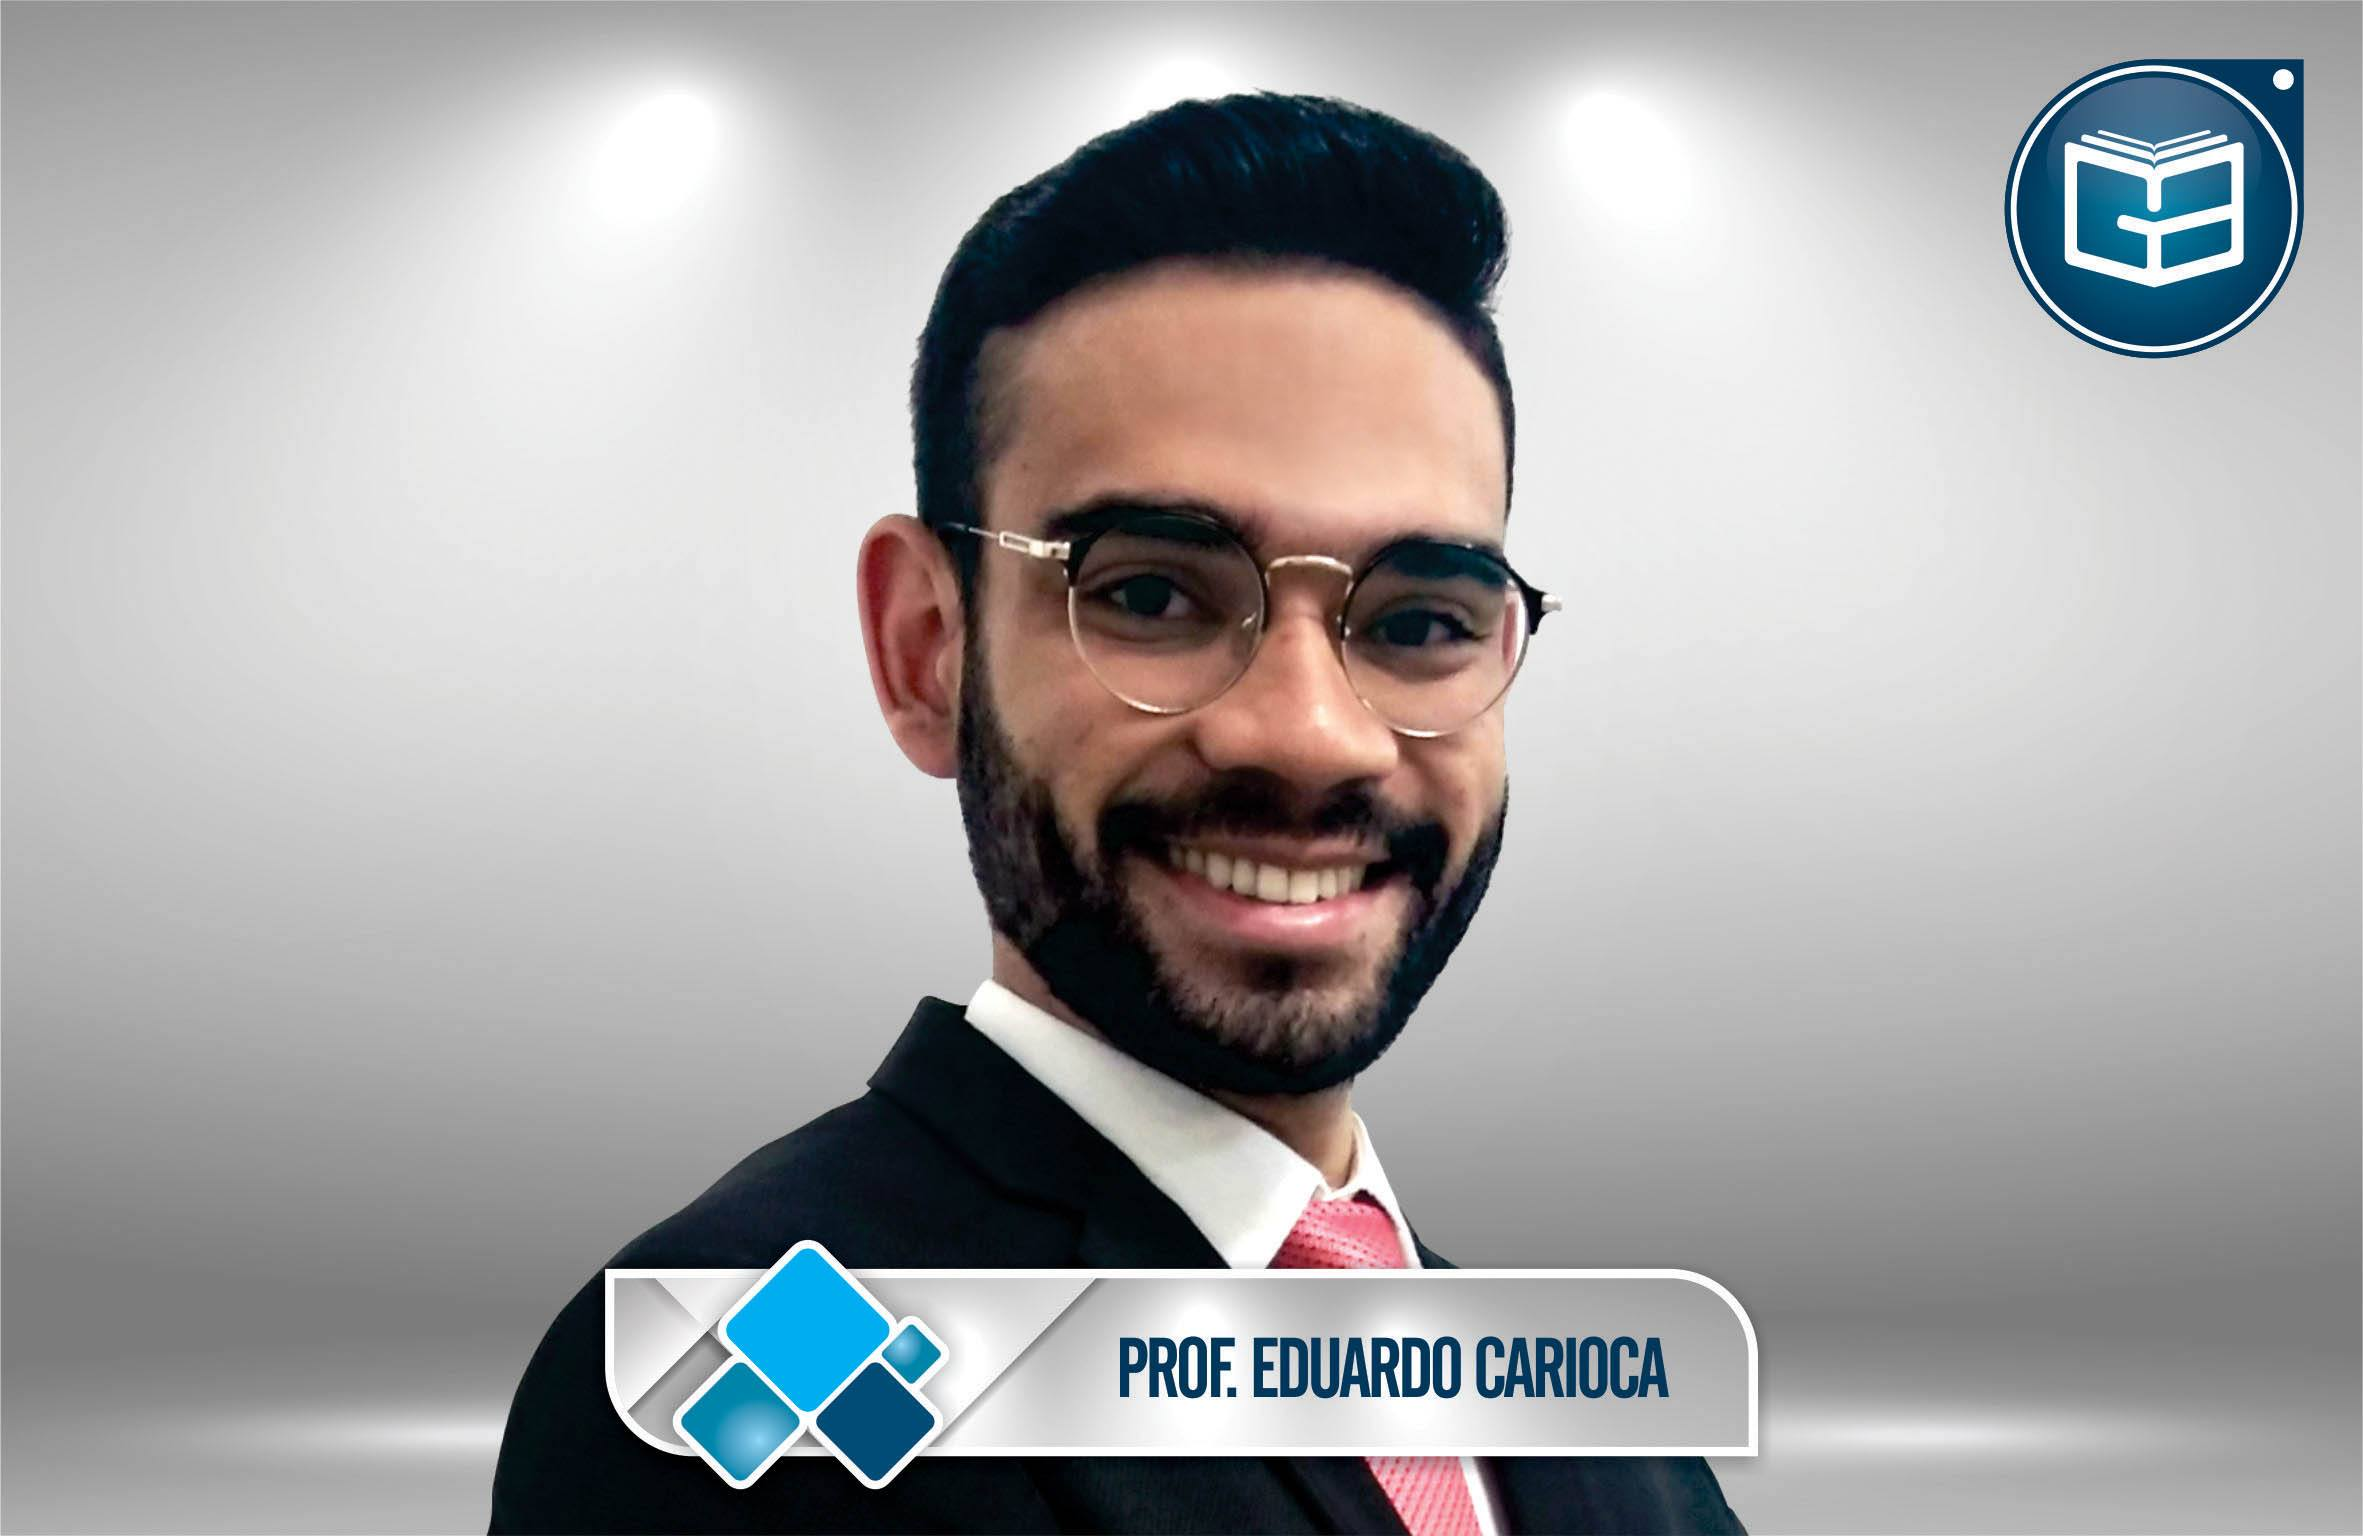 Direito Administrativo Polícia Civil - Professor Eduardo Carioca